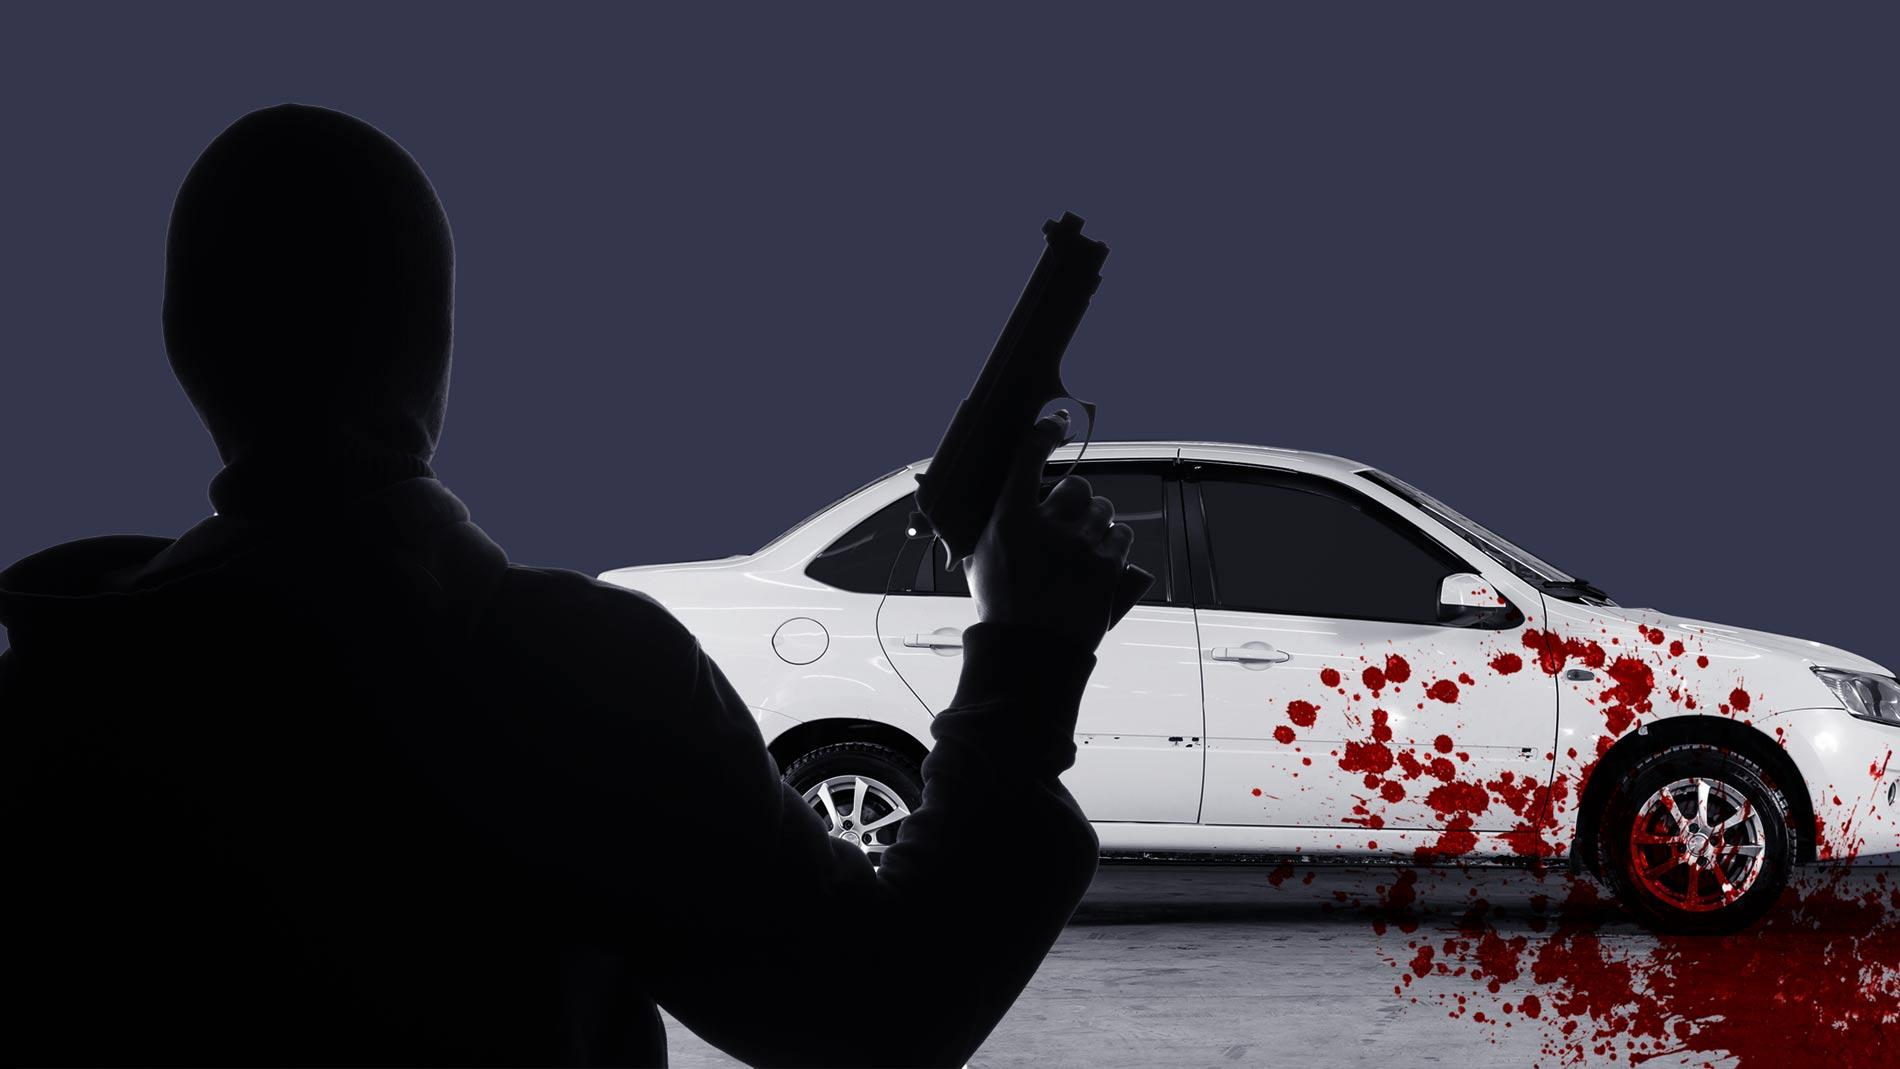 Расстрел как в лихие девяностые. Кому понадобилась смерть кубанского бизнесмена